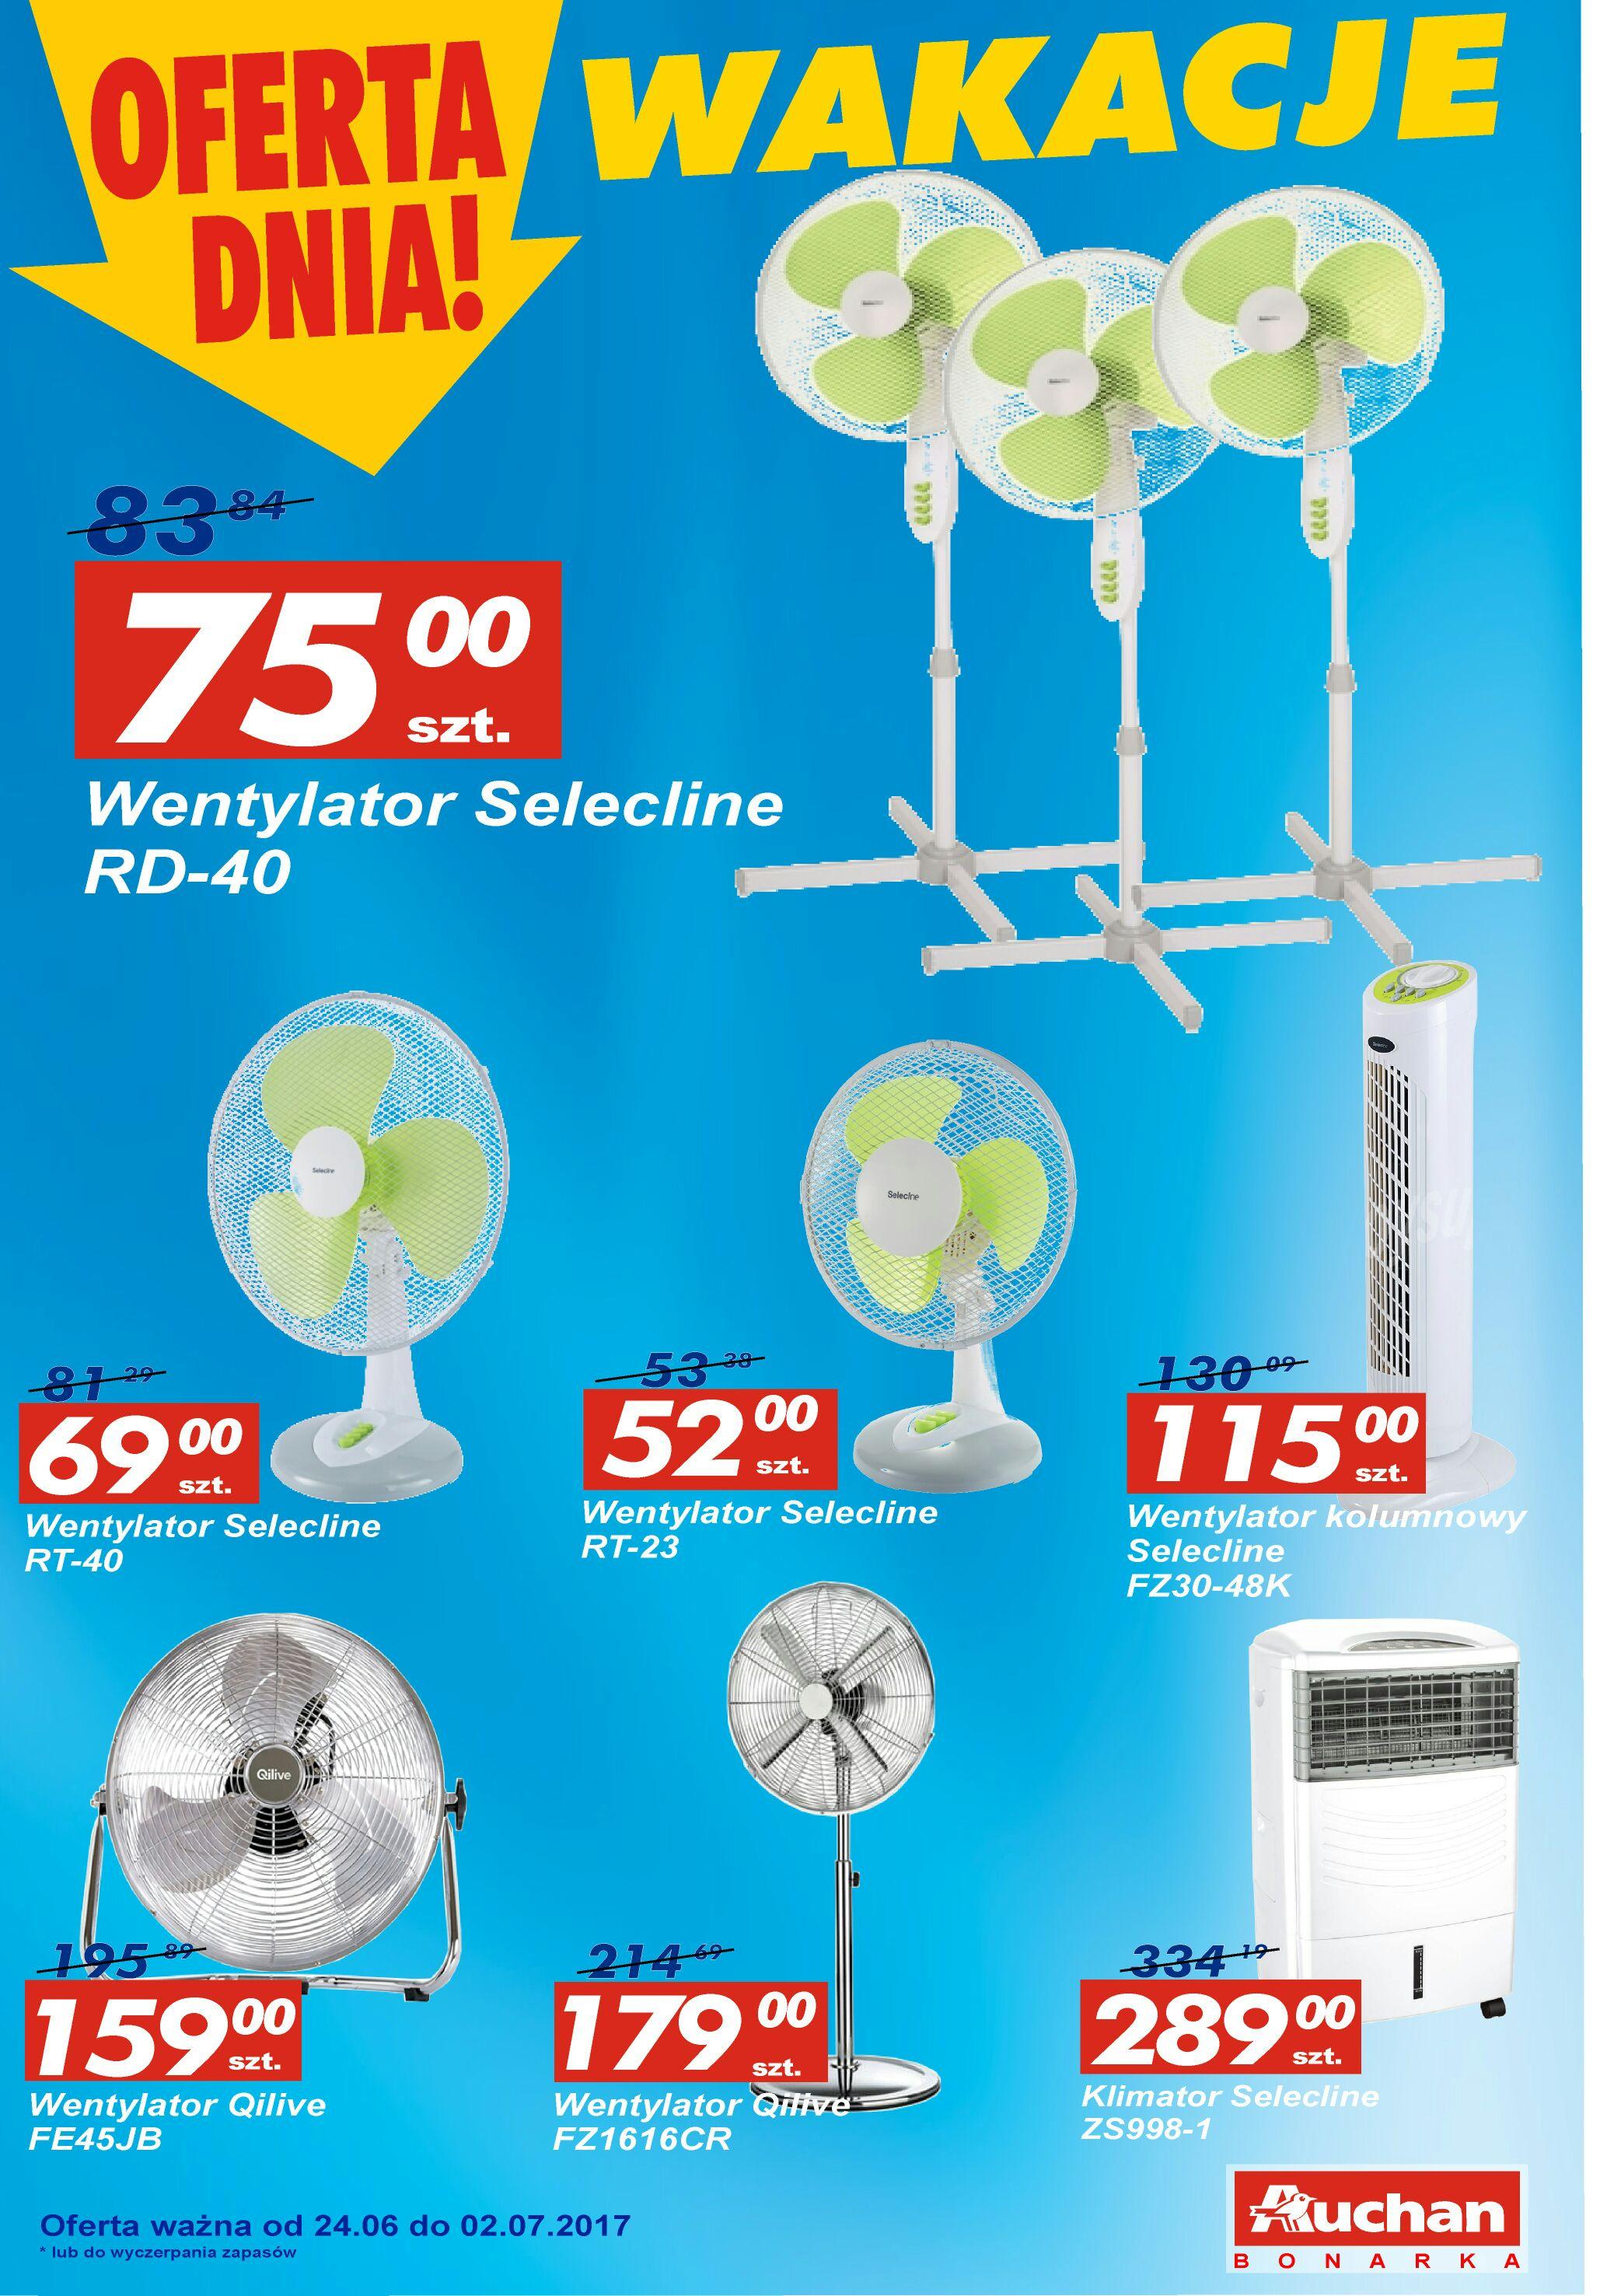 Oferta promocyjna na wentylatory w Auchan Bonarka